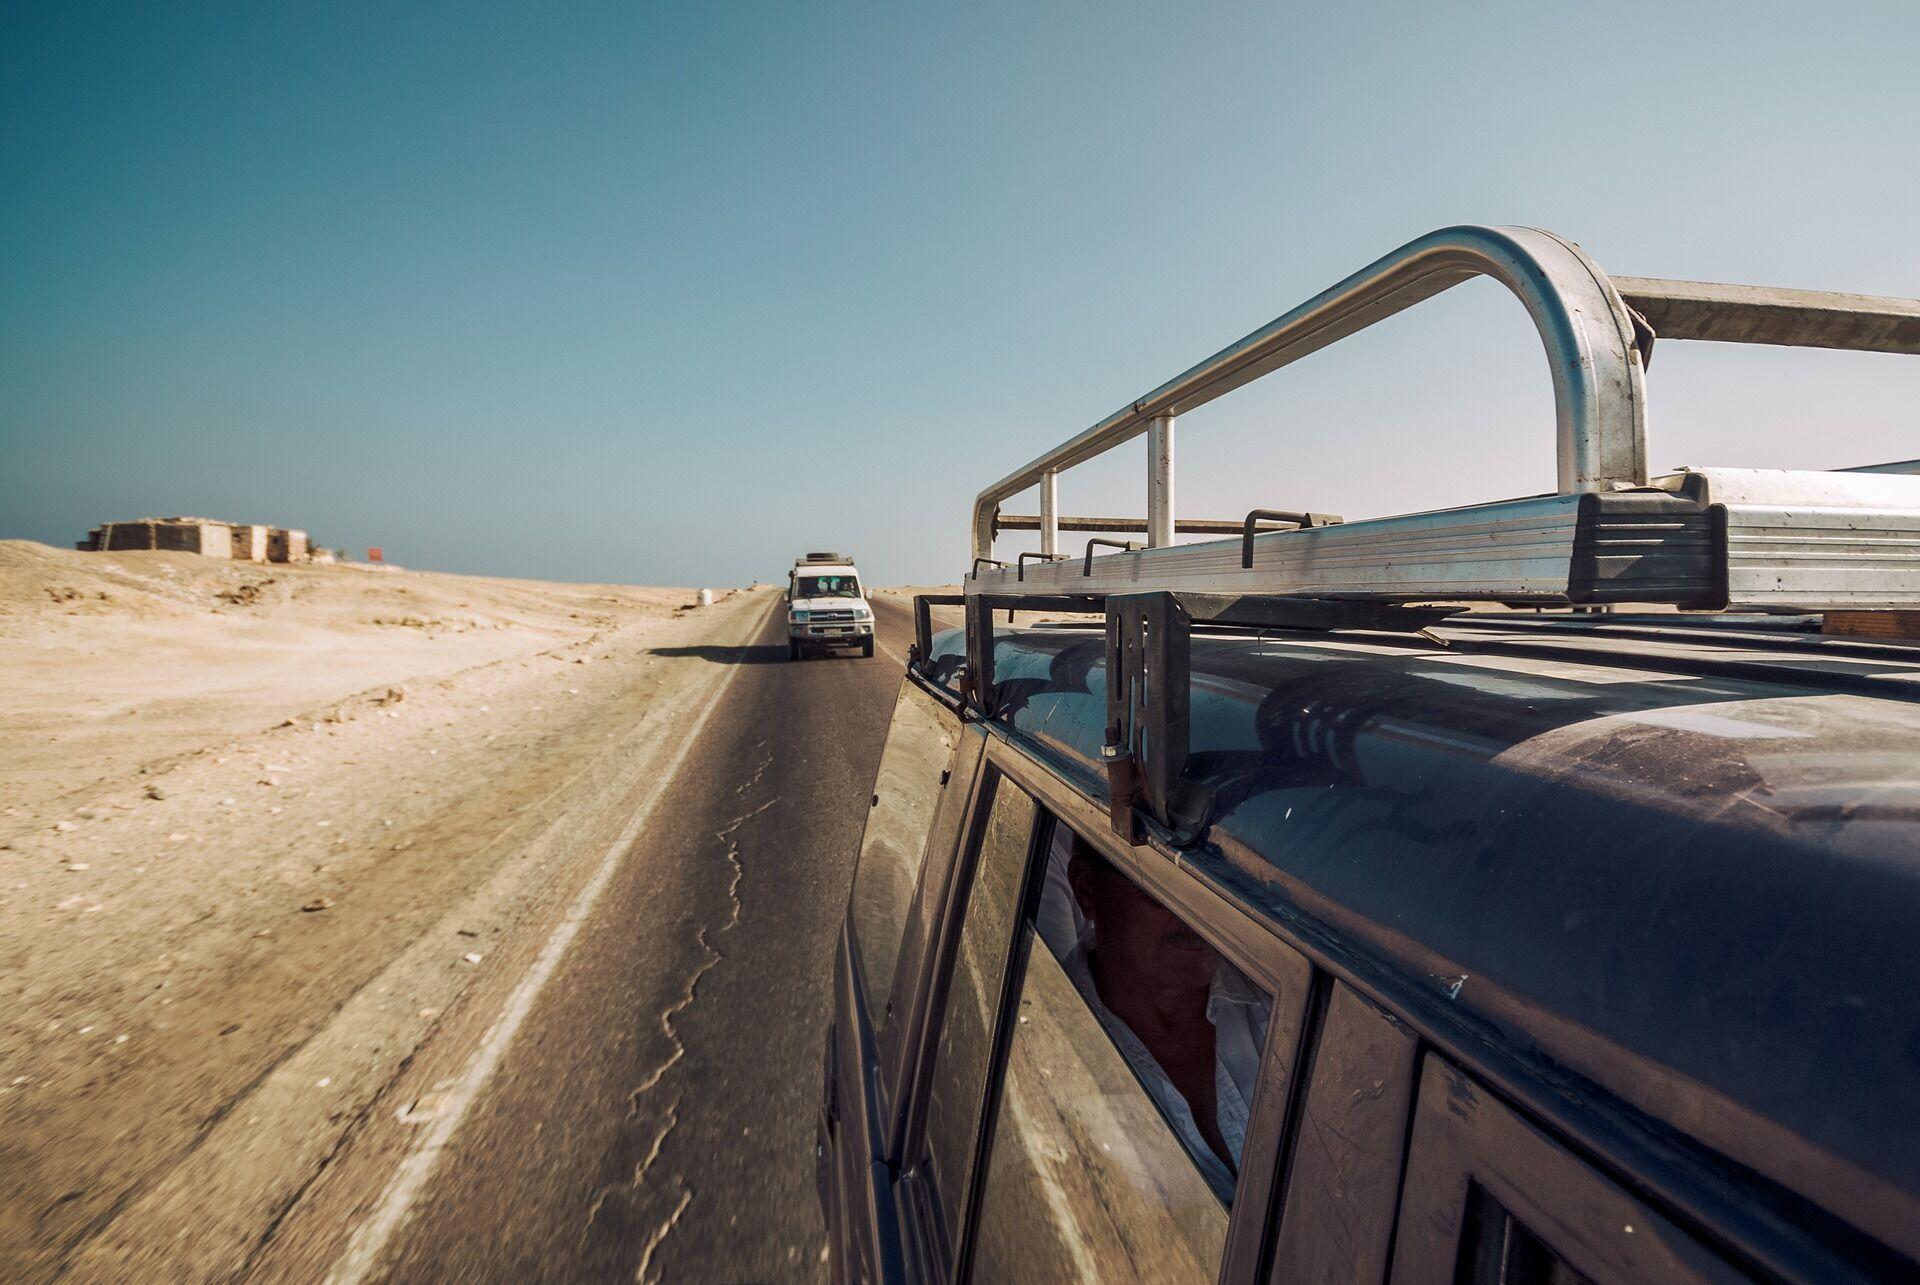 Єгиптяни хаотично поводяться на дорогах